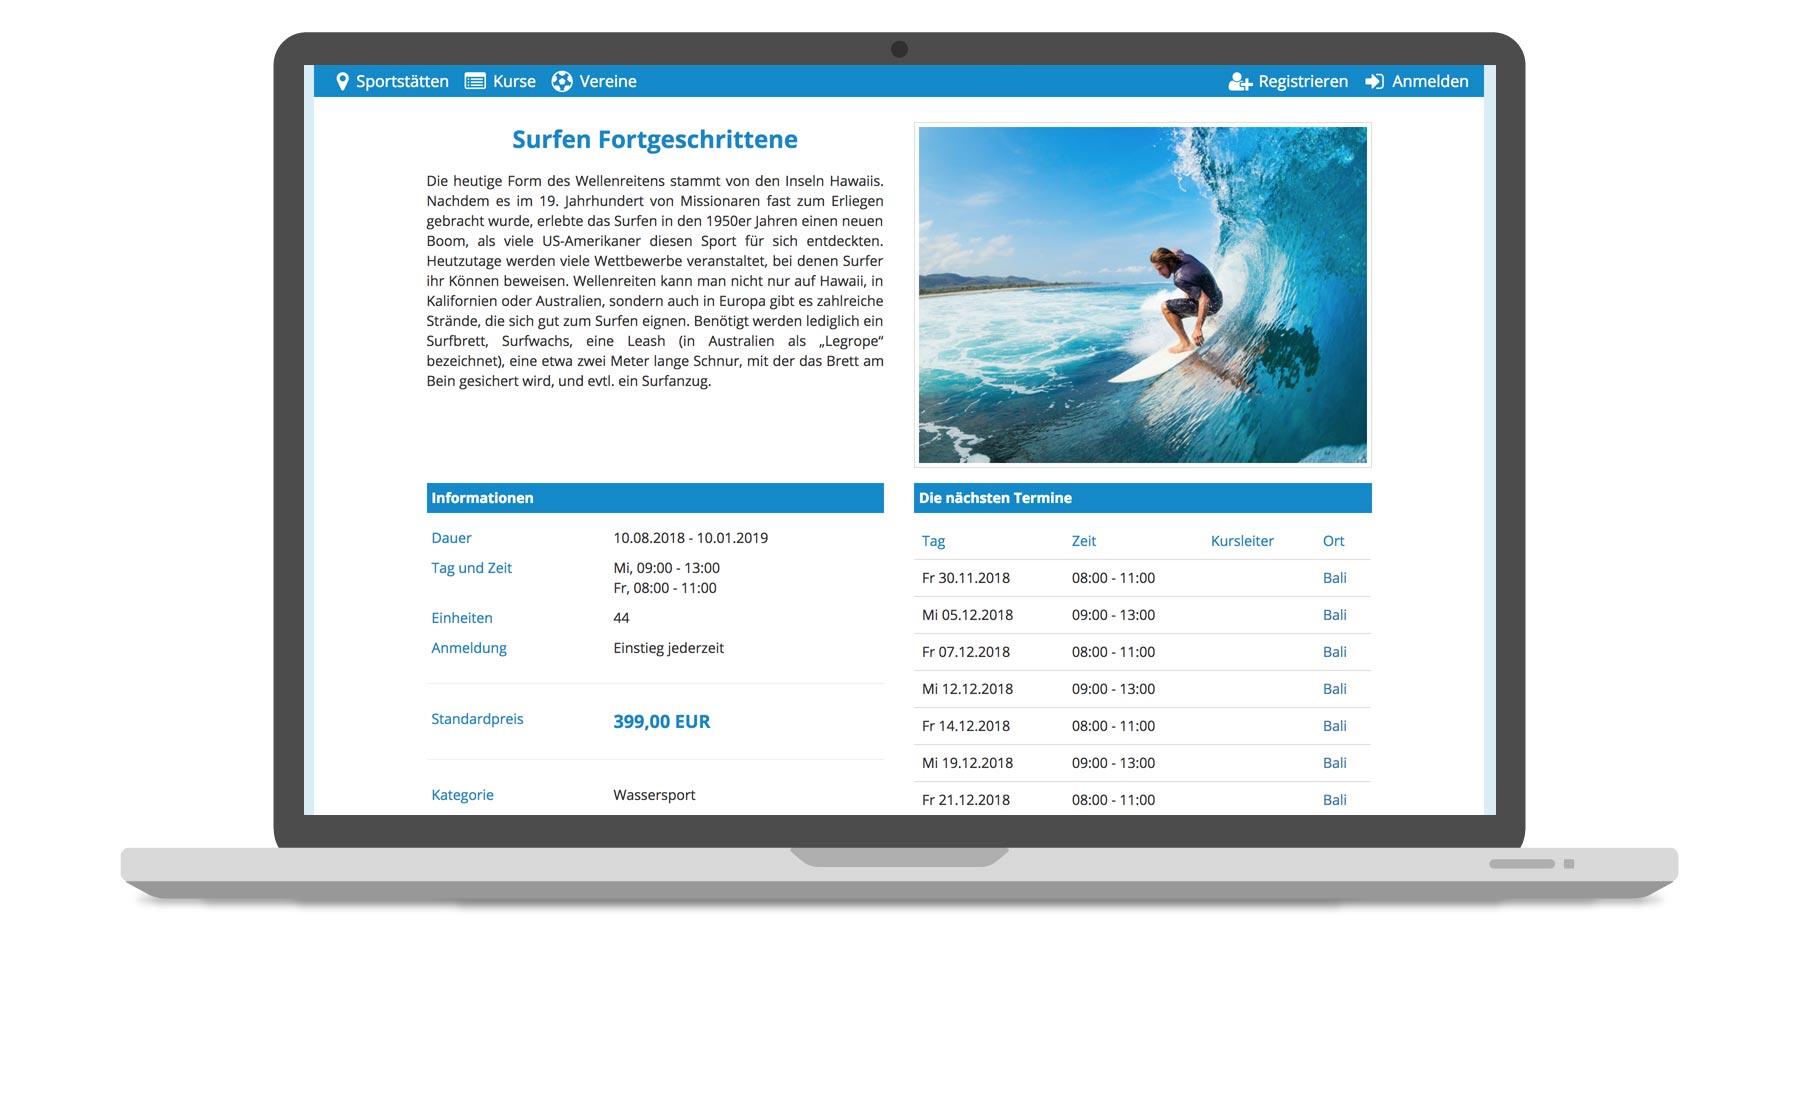 Venuzle Mac Mockup Kursmanager mit dem Surfkurs für Fortgeschrittene